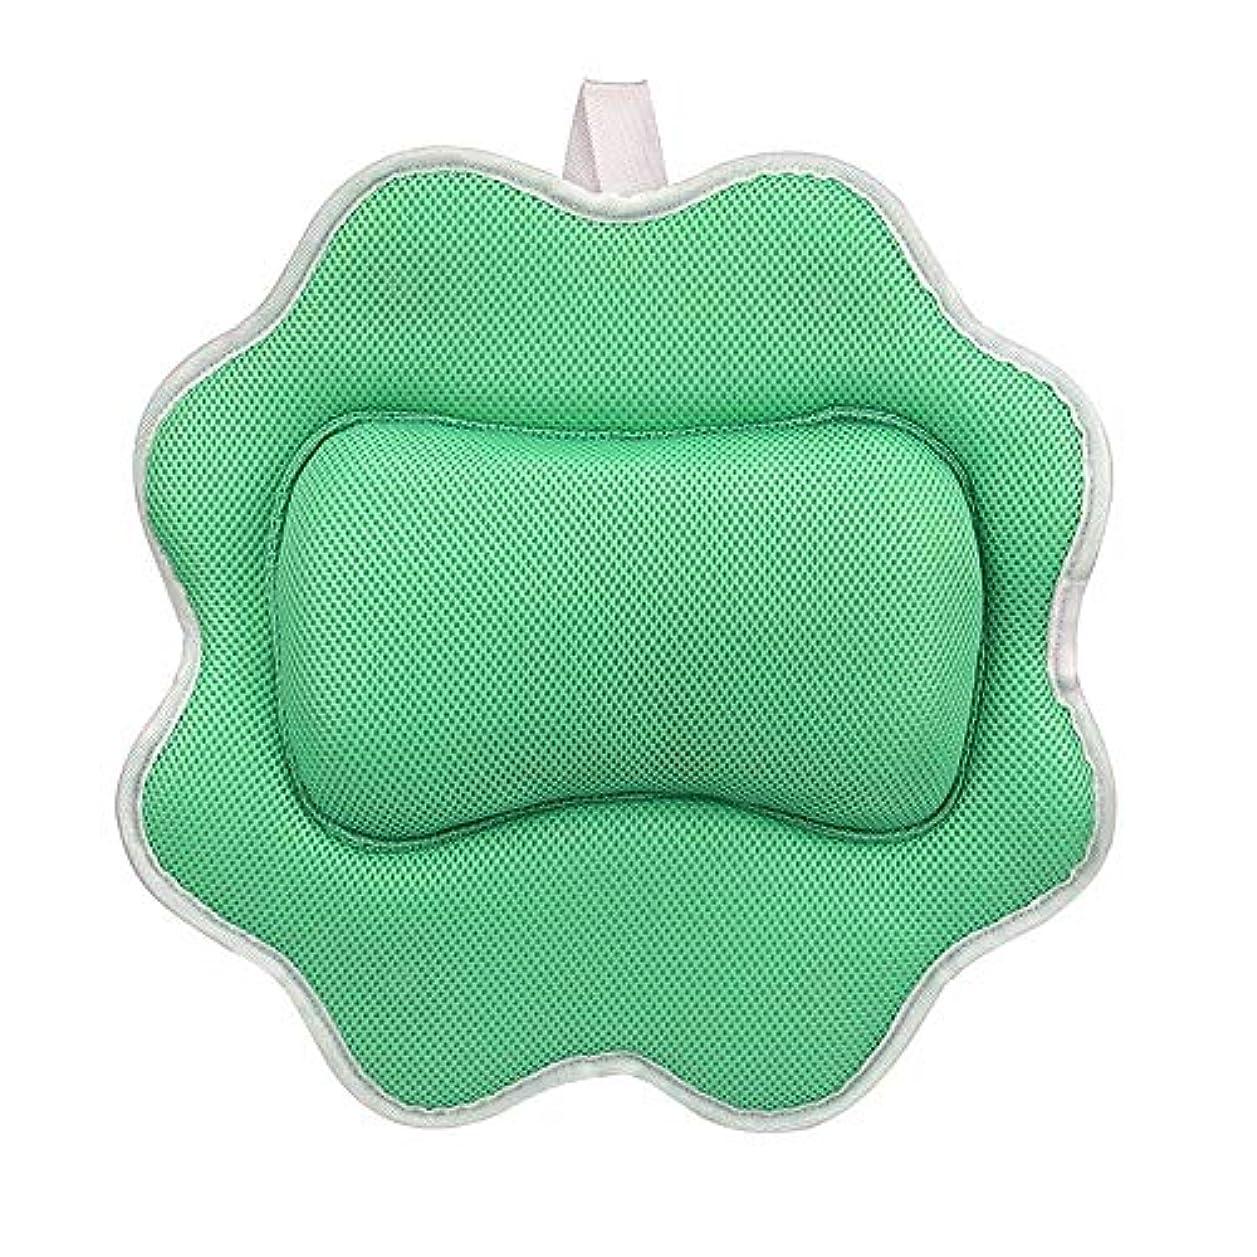 耕す船台無しにサンフラワーバスピロースパマッサージ枕用アップグレード5 dエアーメッシュ技術あなたの肌と首を保護、洗濯機で洗えます